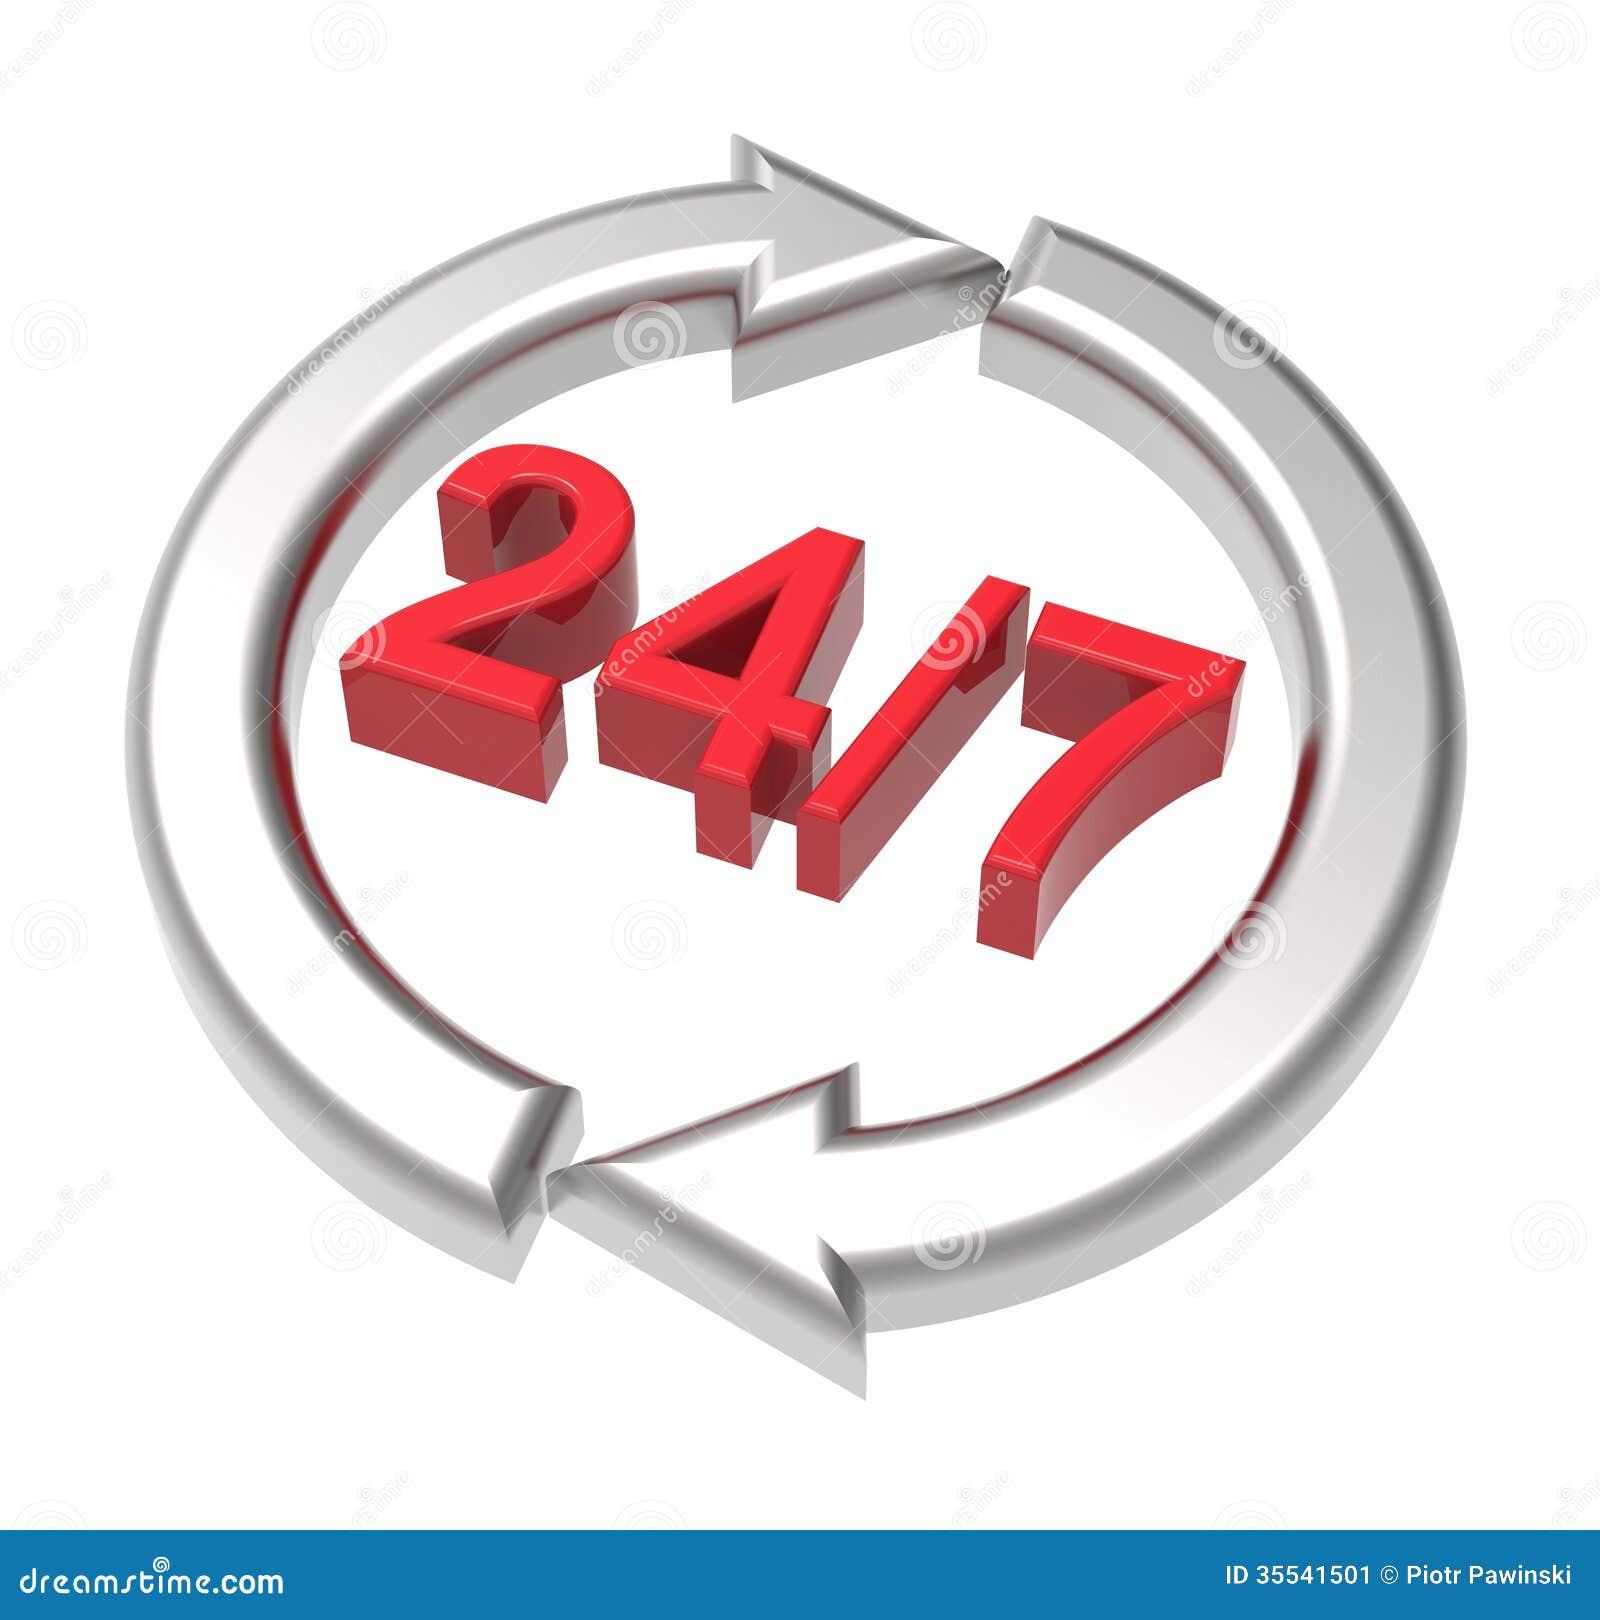 24 uren zeven dagen per week teken over wit.